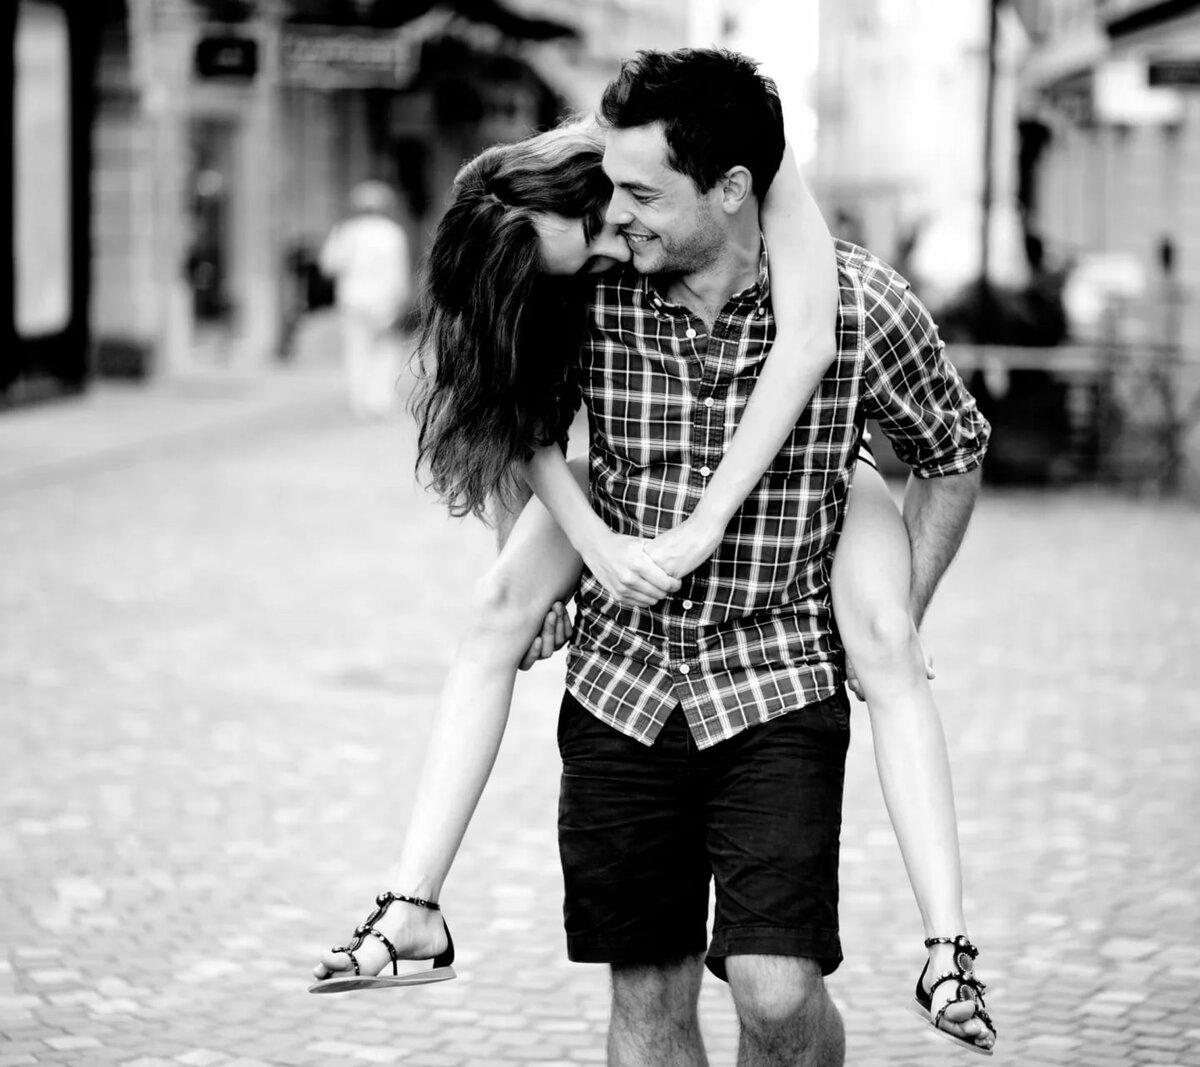 sex-slips-black-white-pictures-of-romantic-couples-revenge-fuck